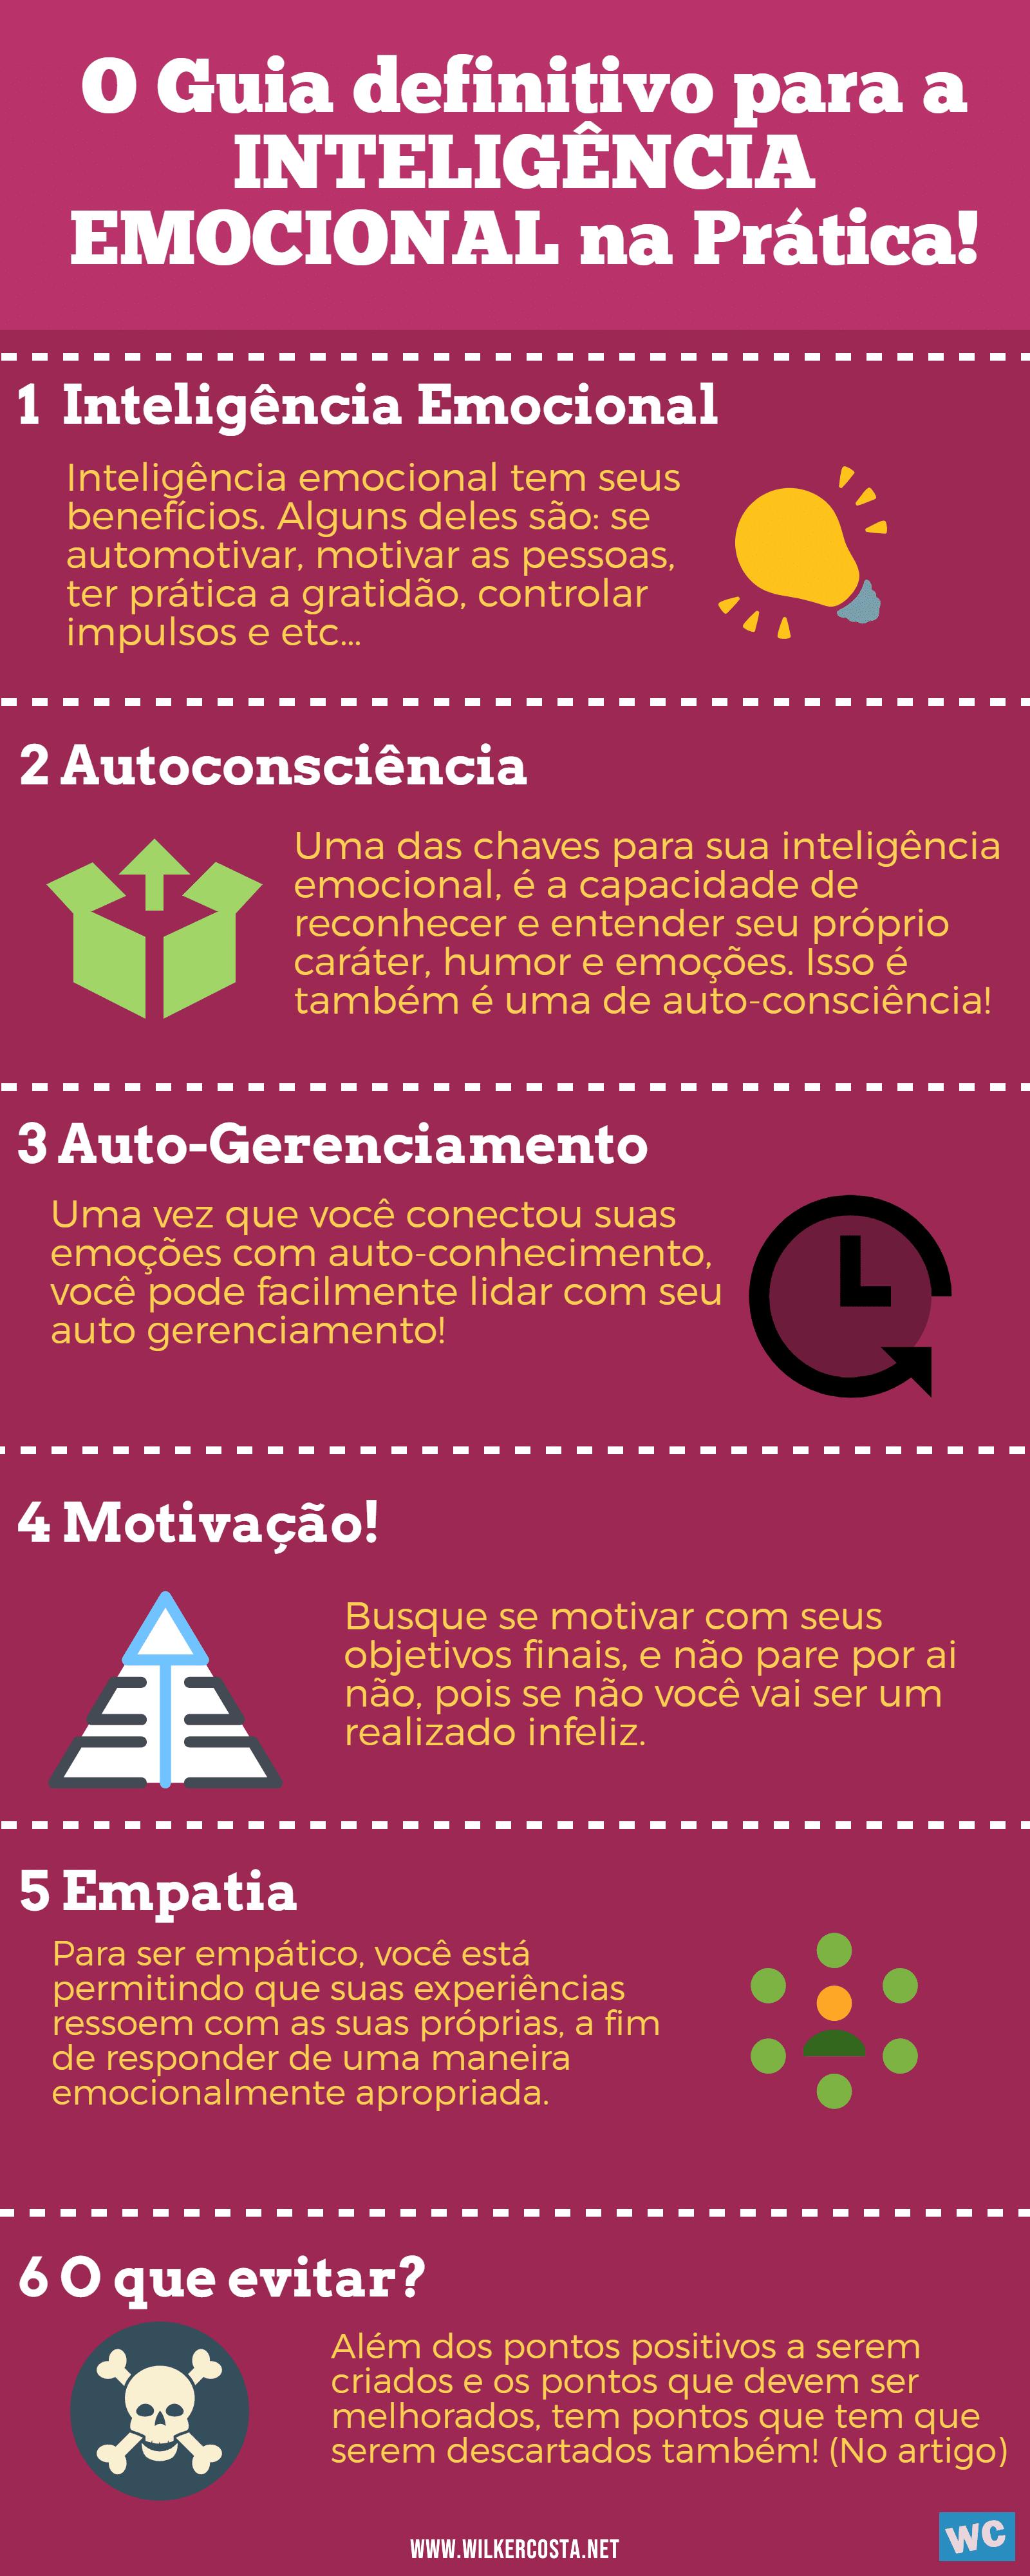 infografico inteligência emocional